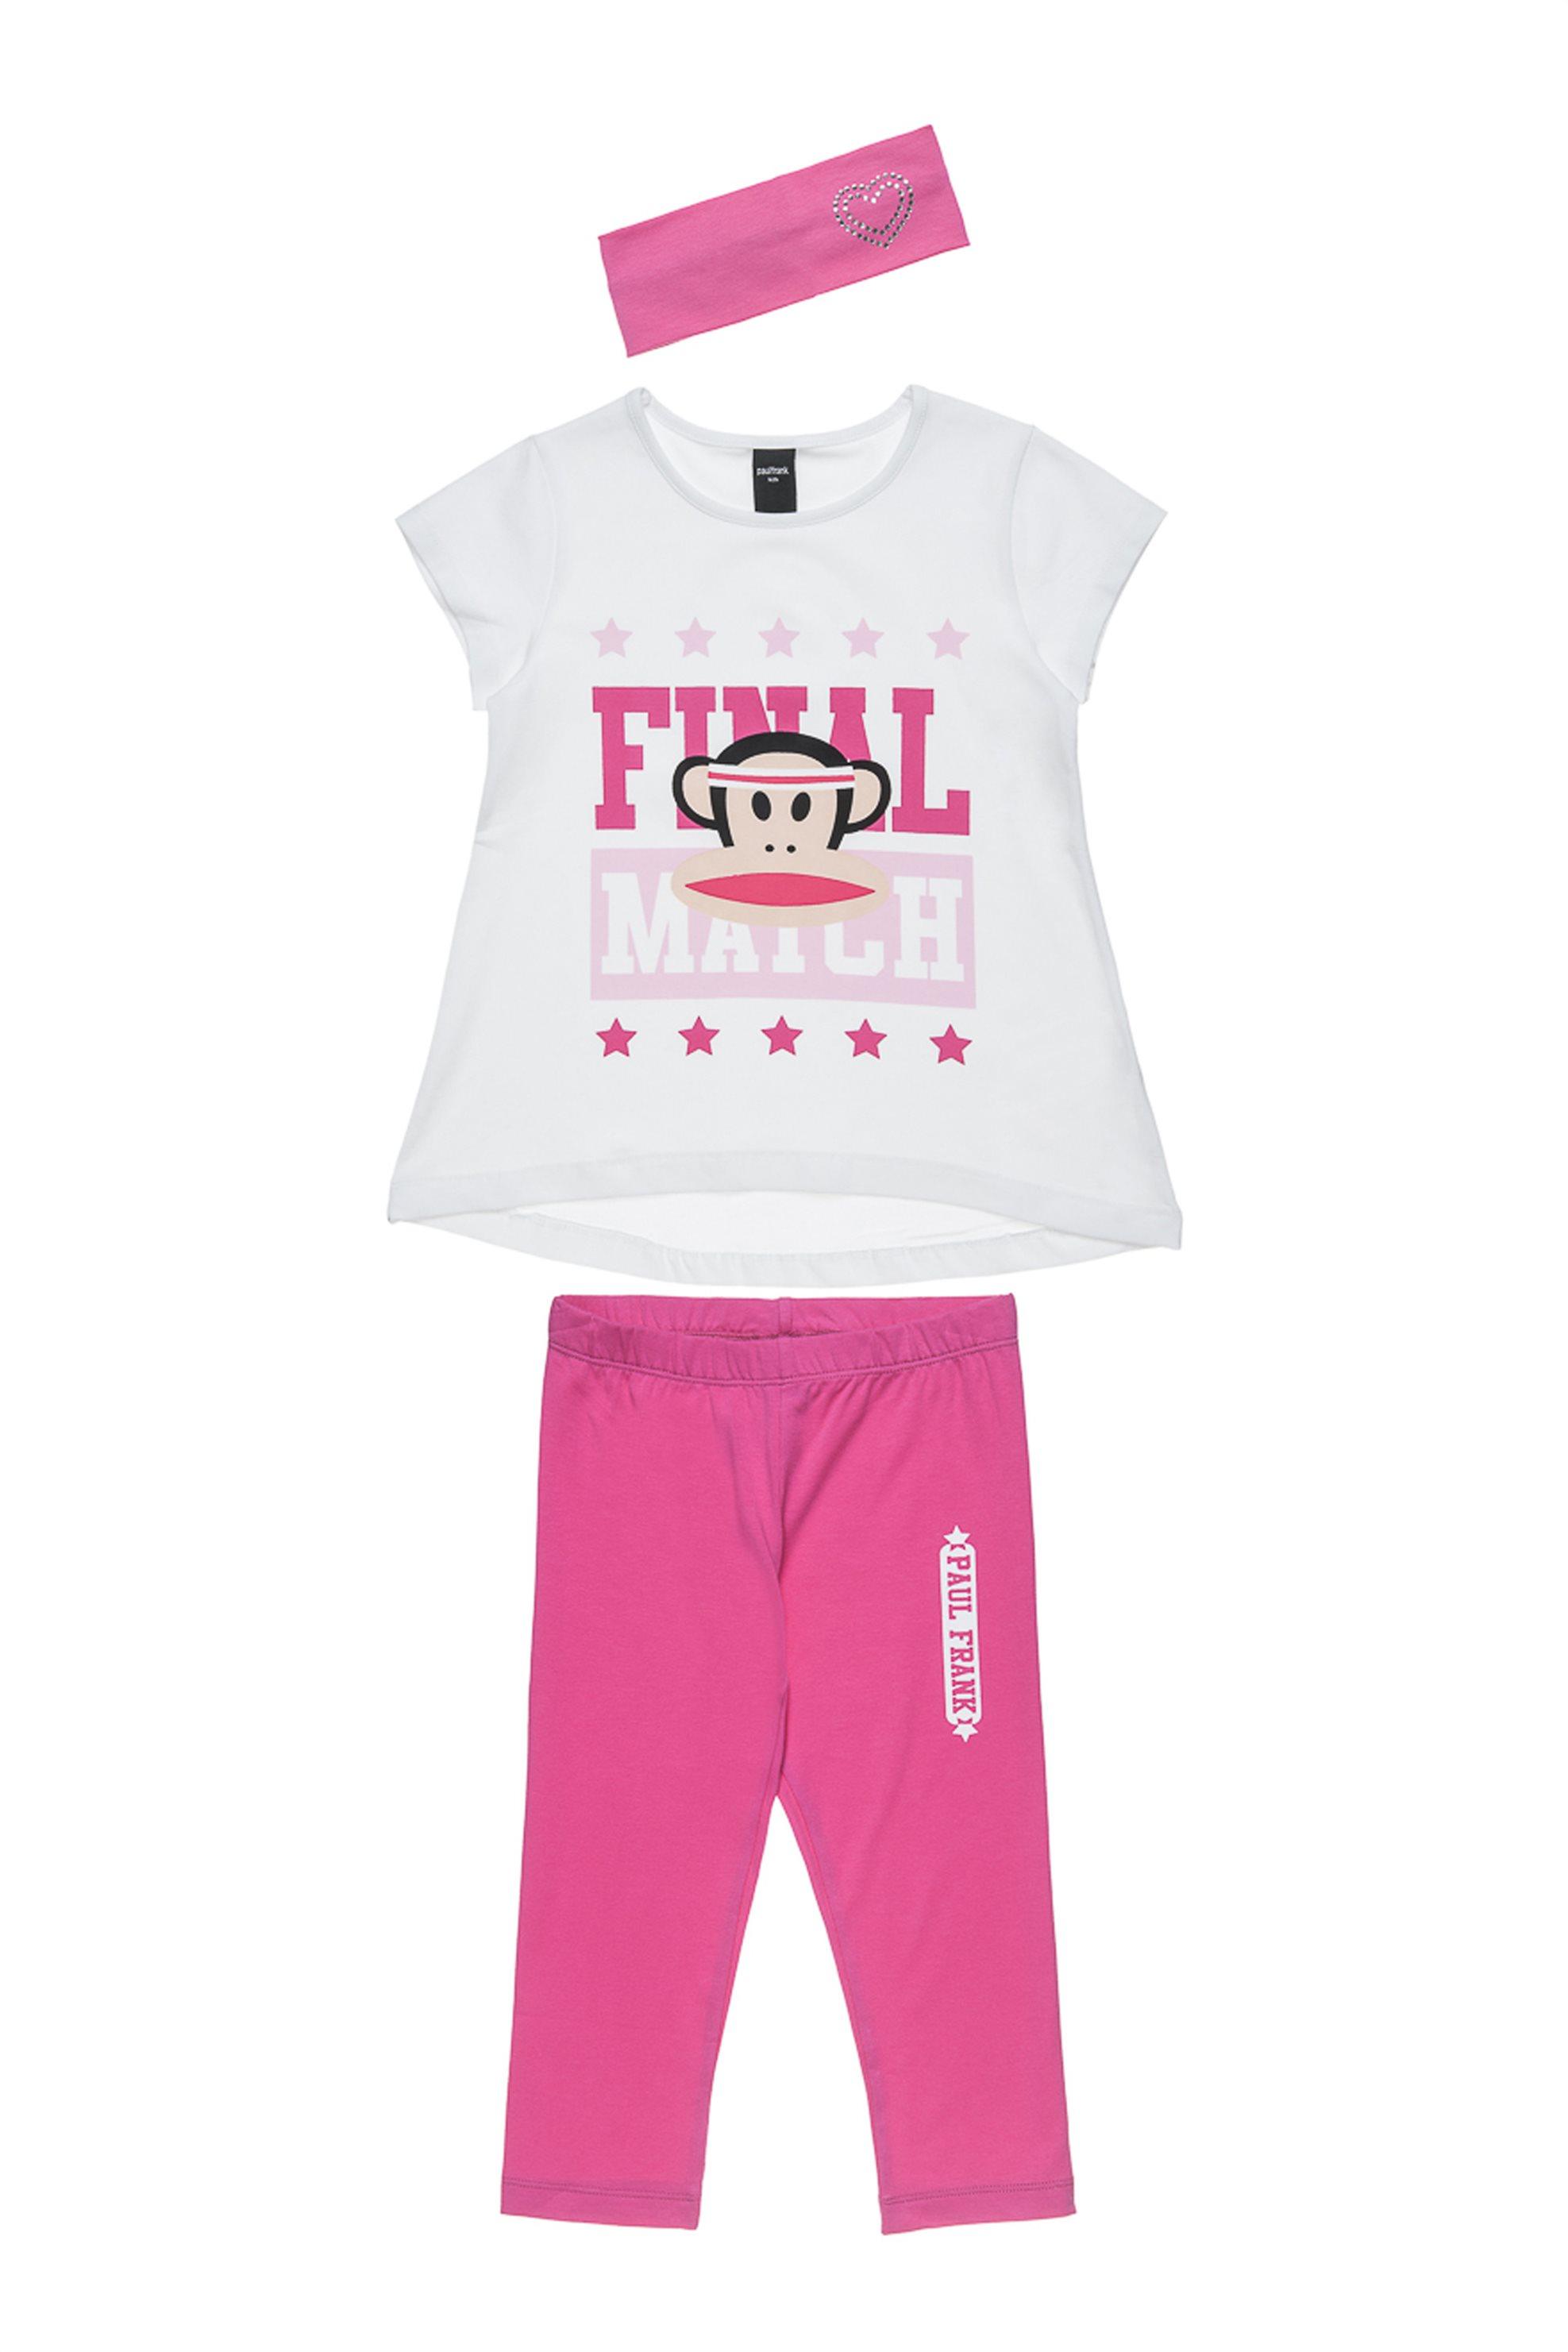 Παιδικό σετ (6-16 ετών) Paul Frank Collection - 00170339 - Λευκό παιδι   κοριτσι   4 14 ετων   σετ ρούχων